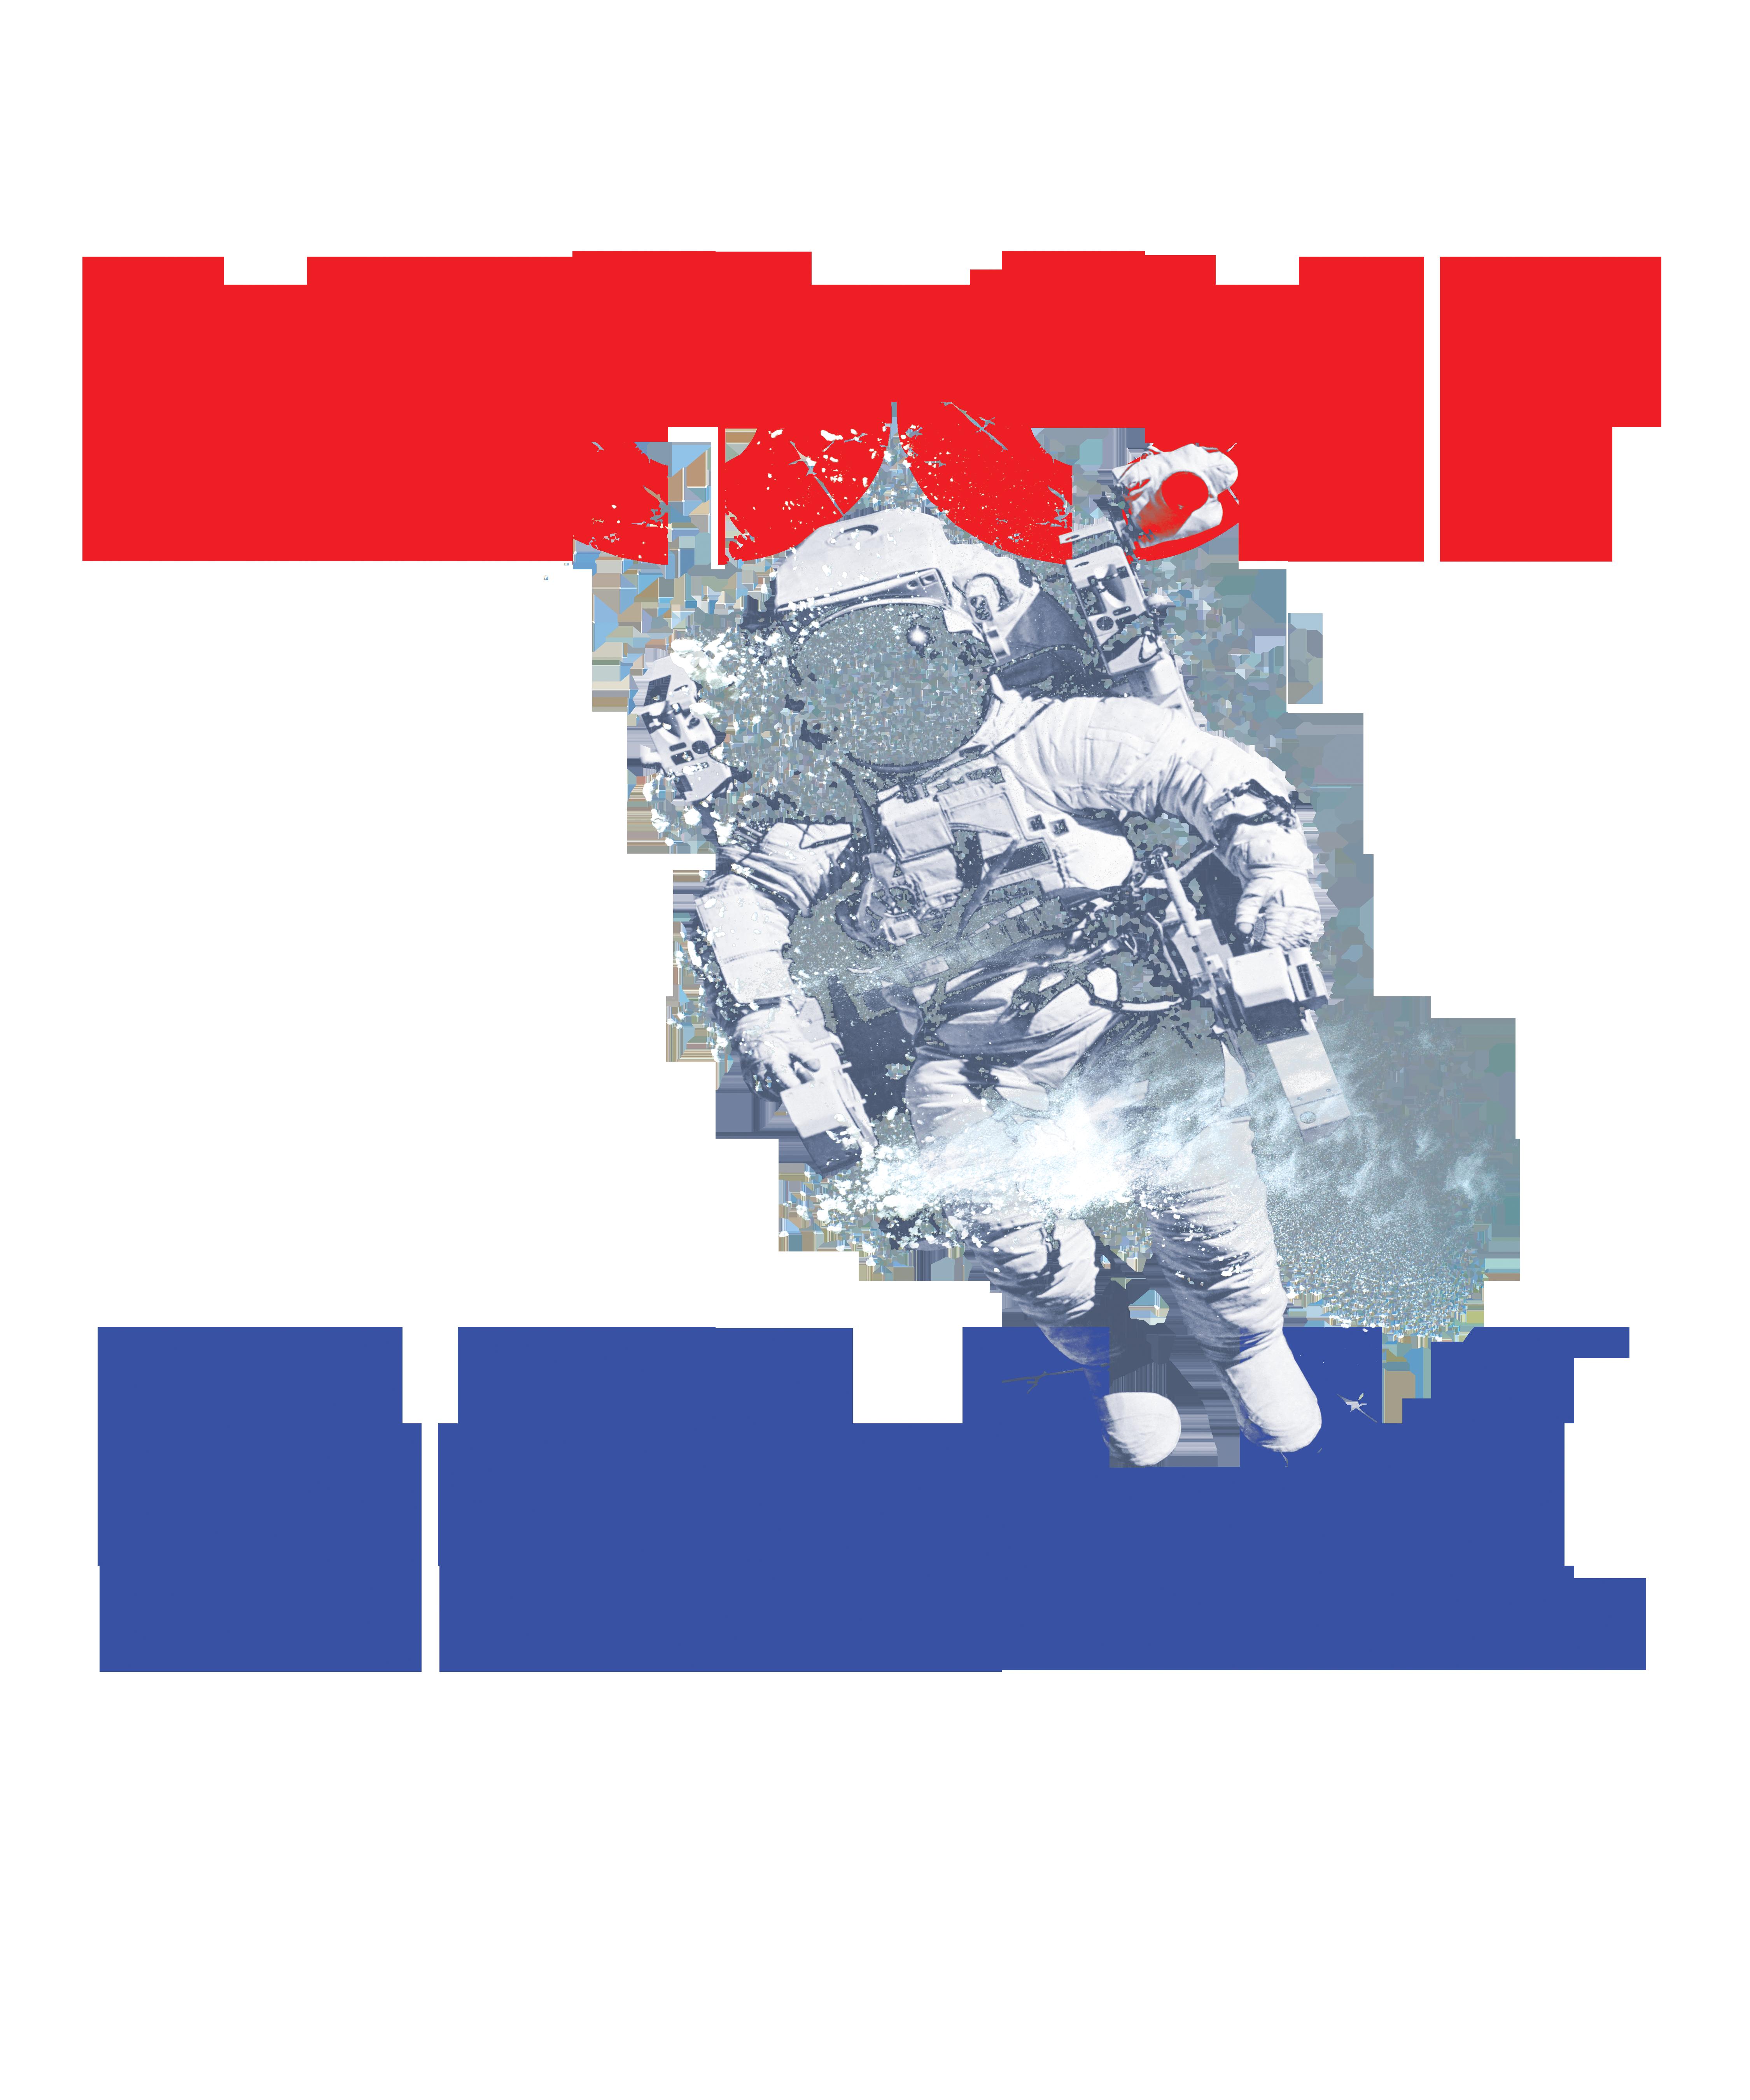 Apollo Mission 50th Anniversary Graphical Design